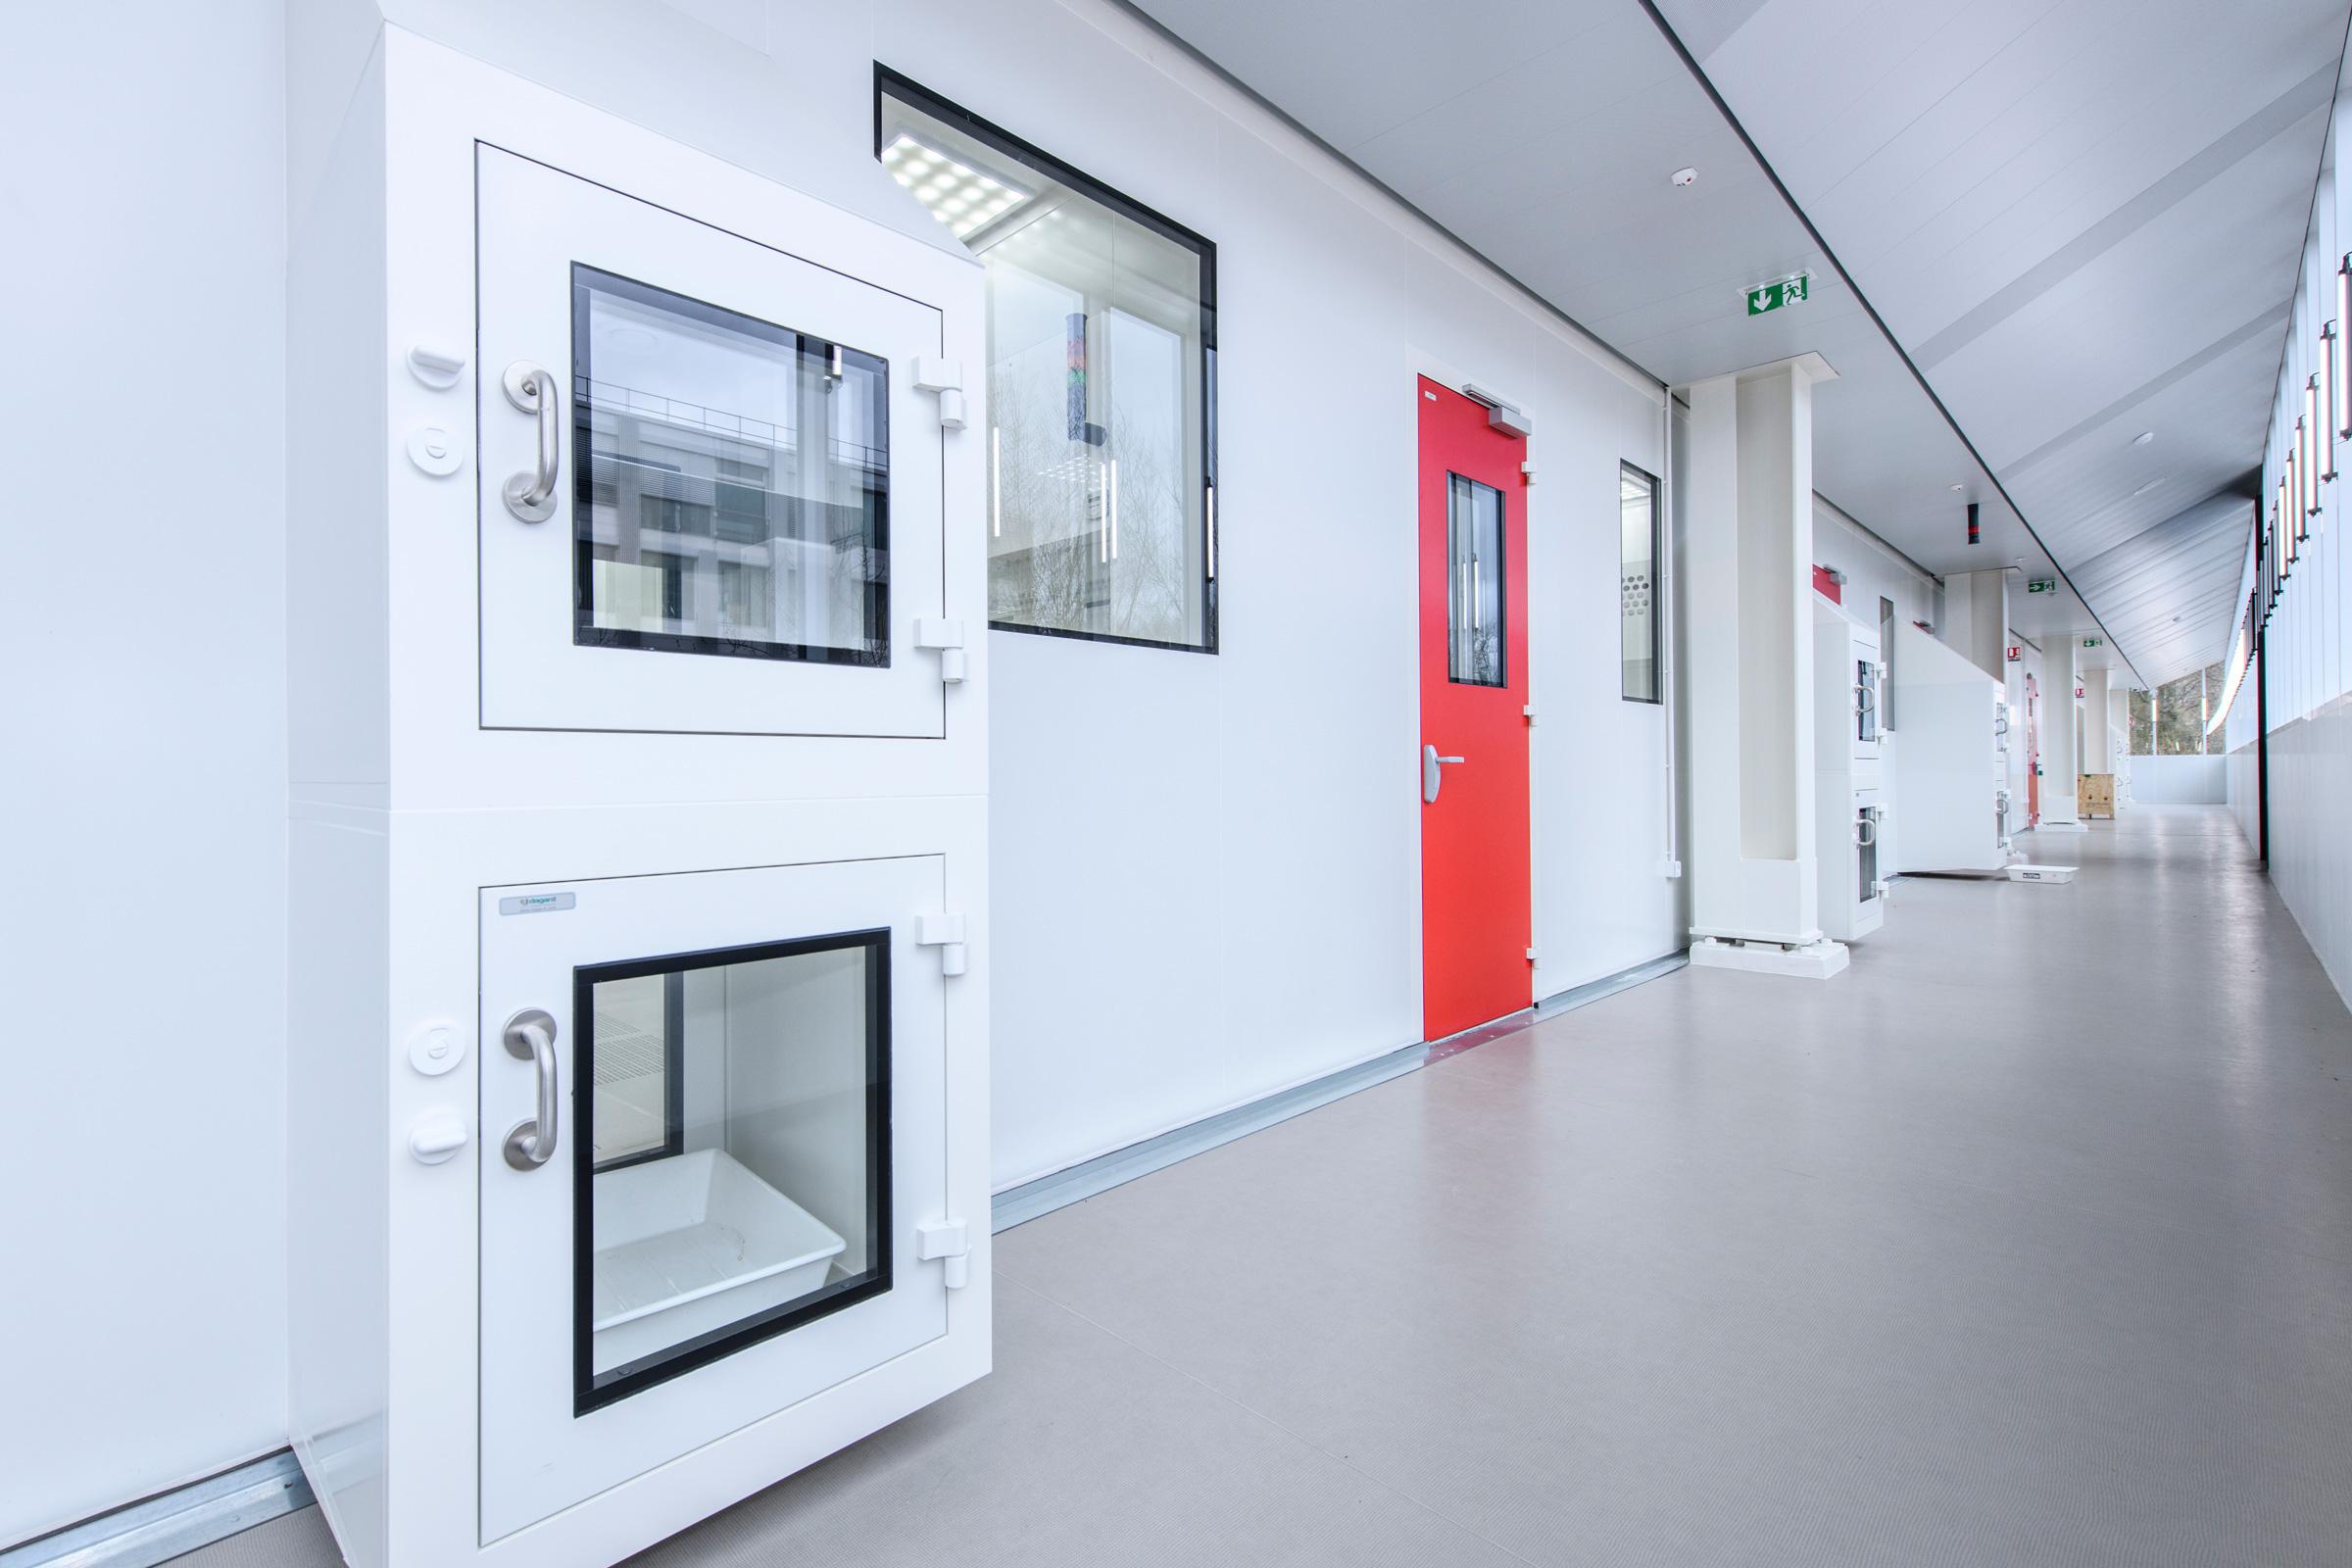 Centre de Nanosciences et de Nanotechnologies (C2N) image